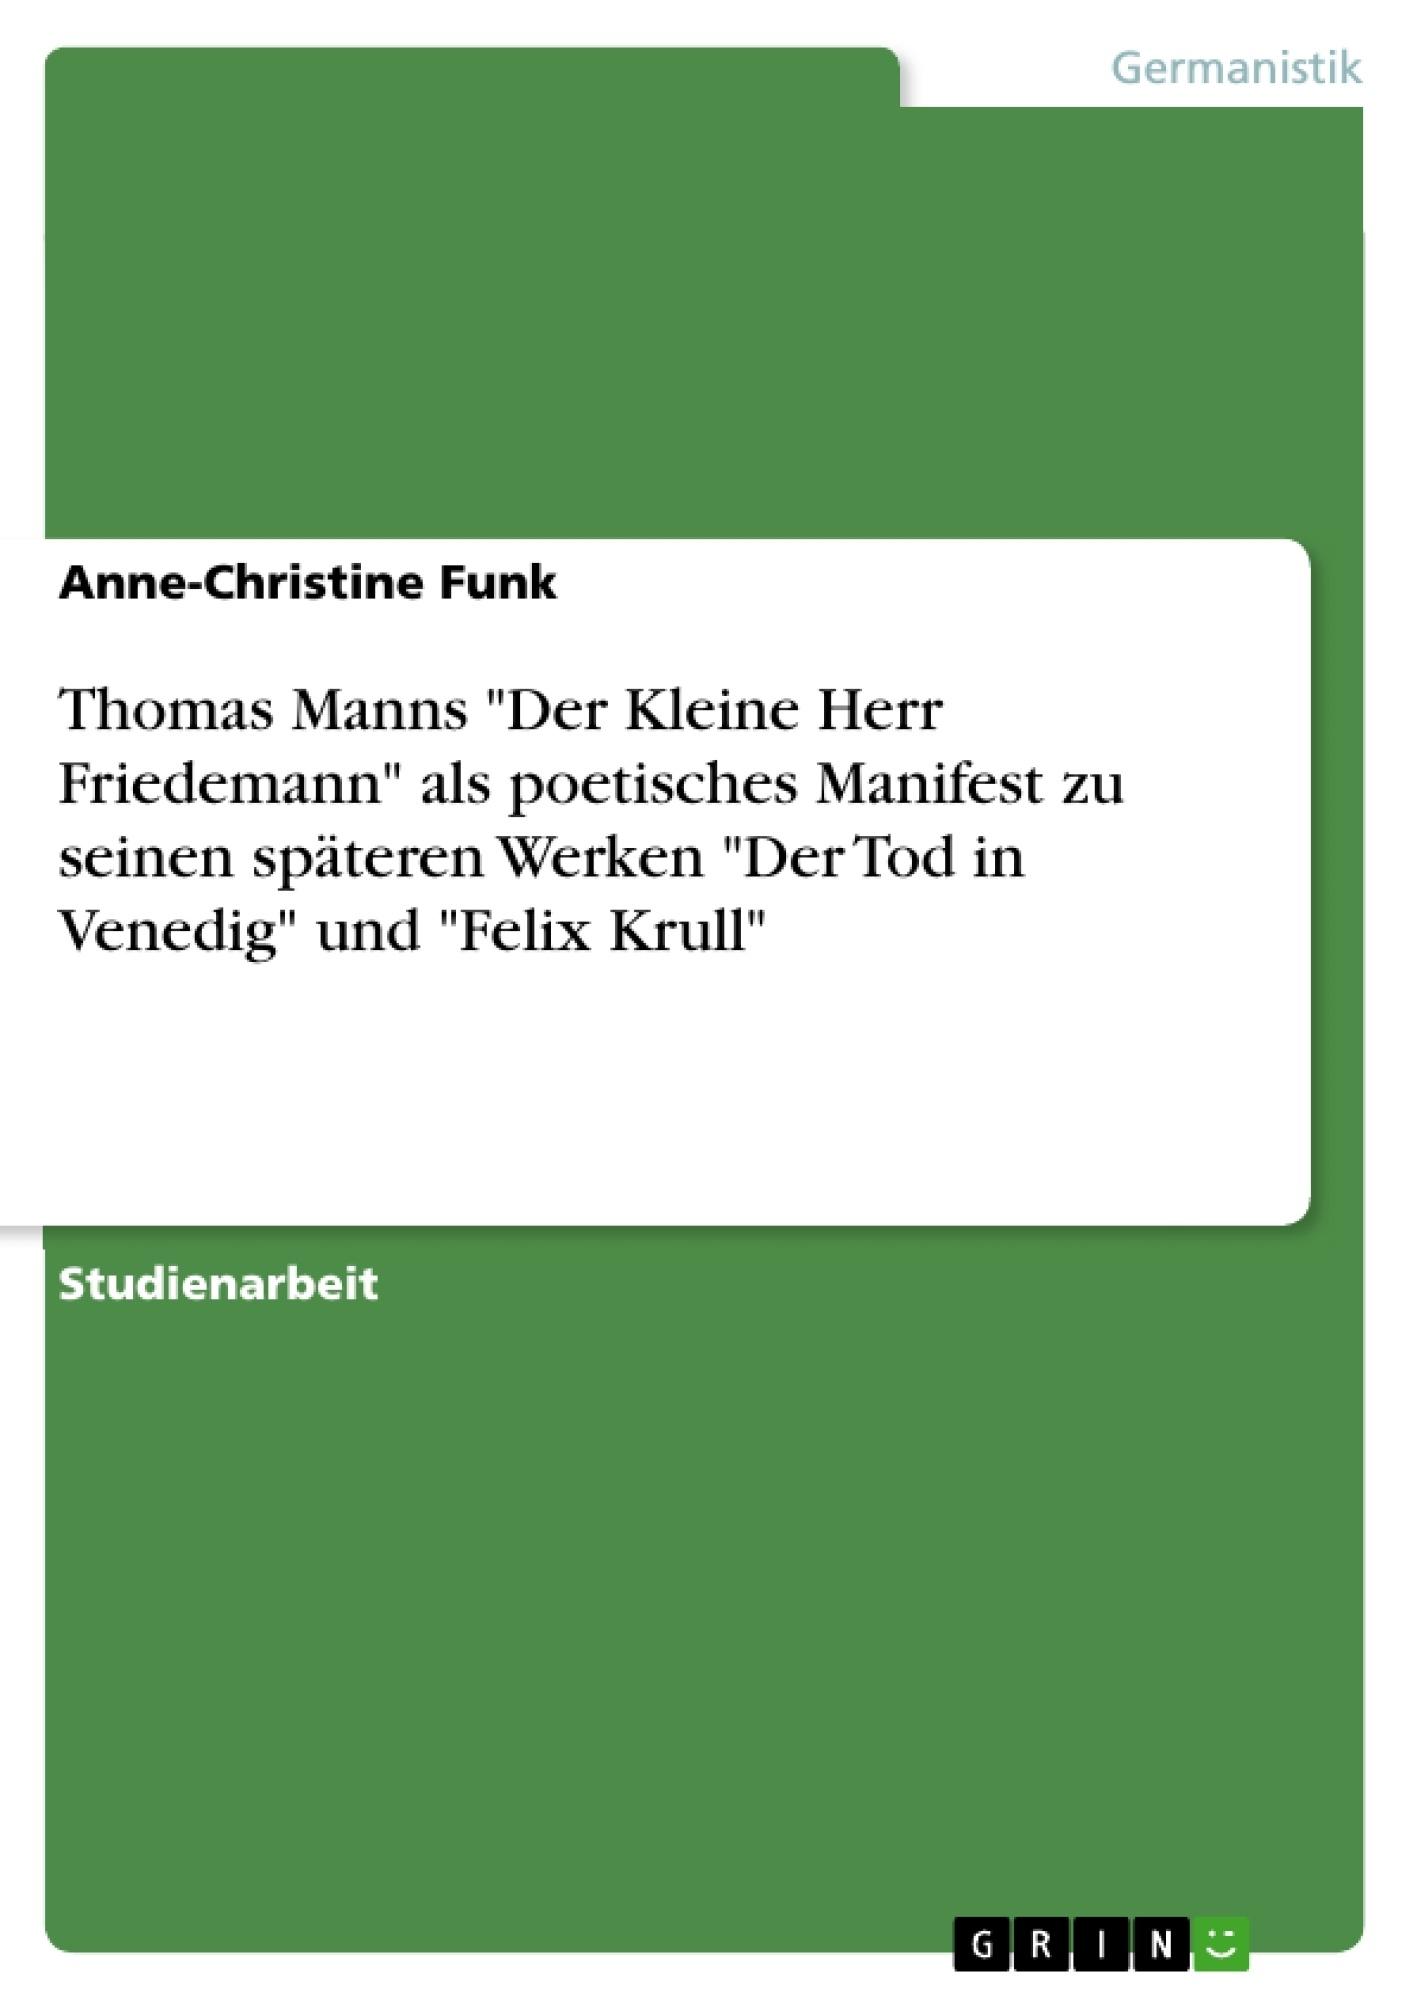 """Titel: Thomas Manns """"Der Kleine Herr Friedemann"""" als poetisches Manifest zu seinen späteren Werken """"Der Tod in Venedig"""" und """"Felix Krull"""""""